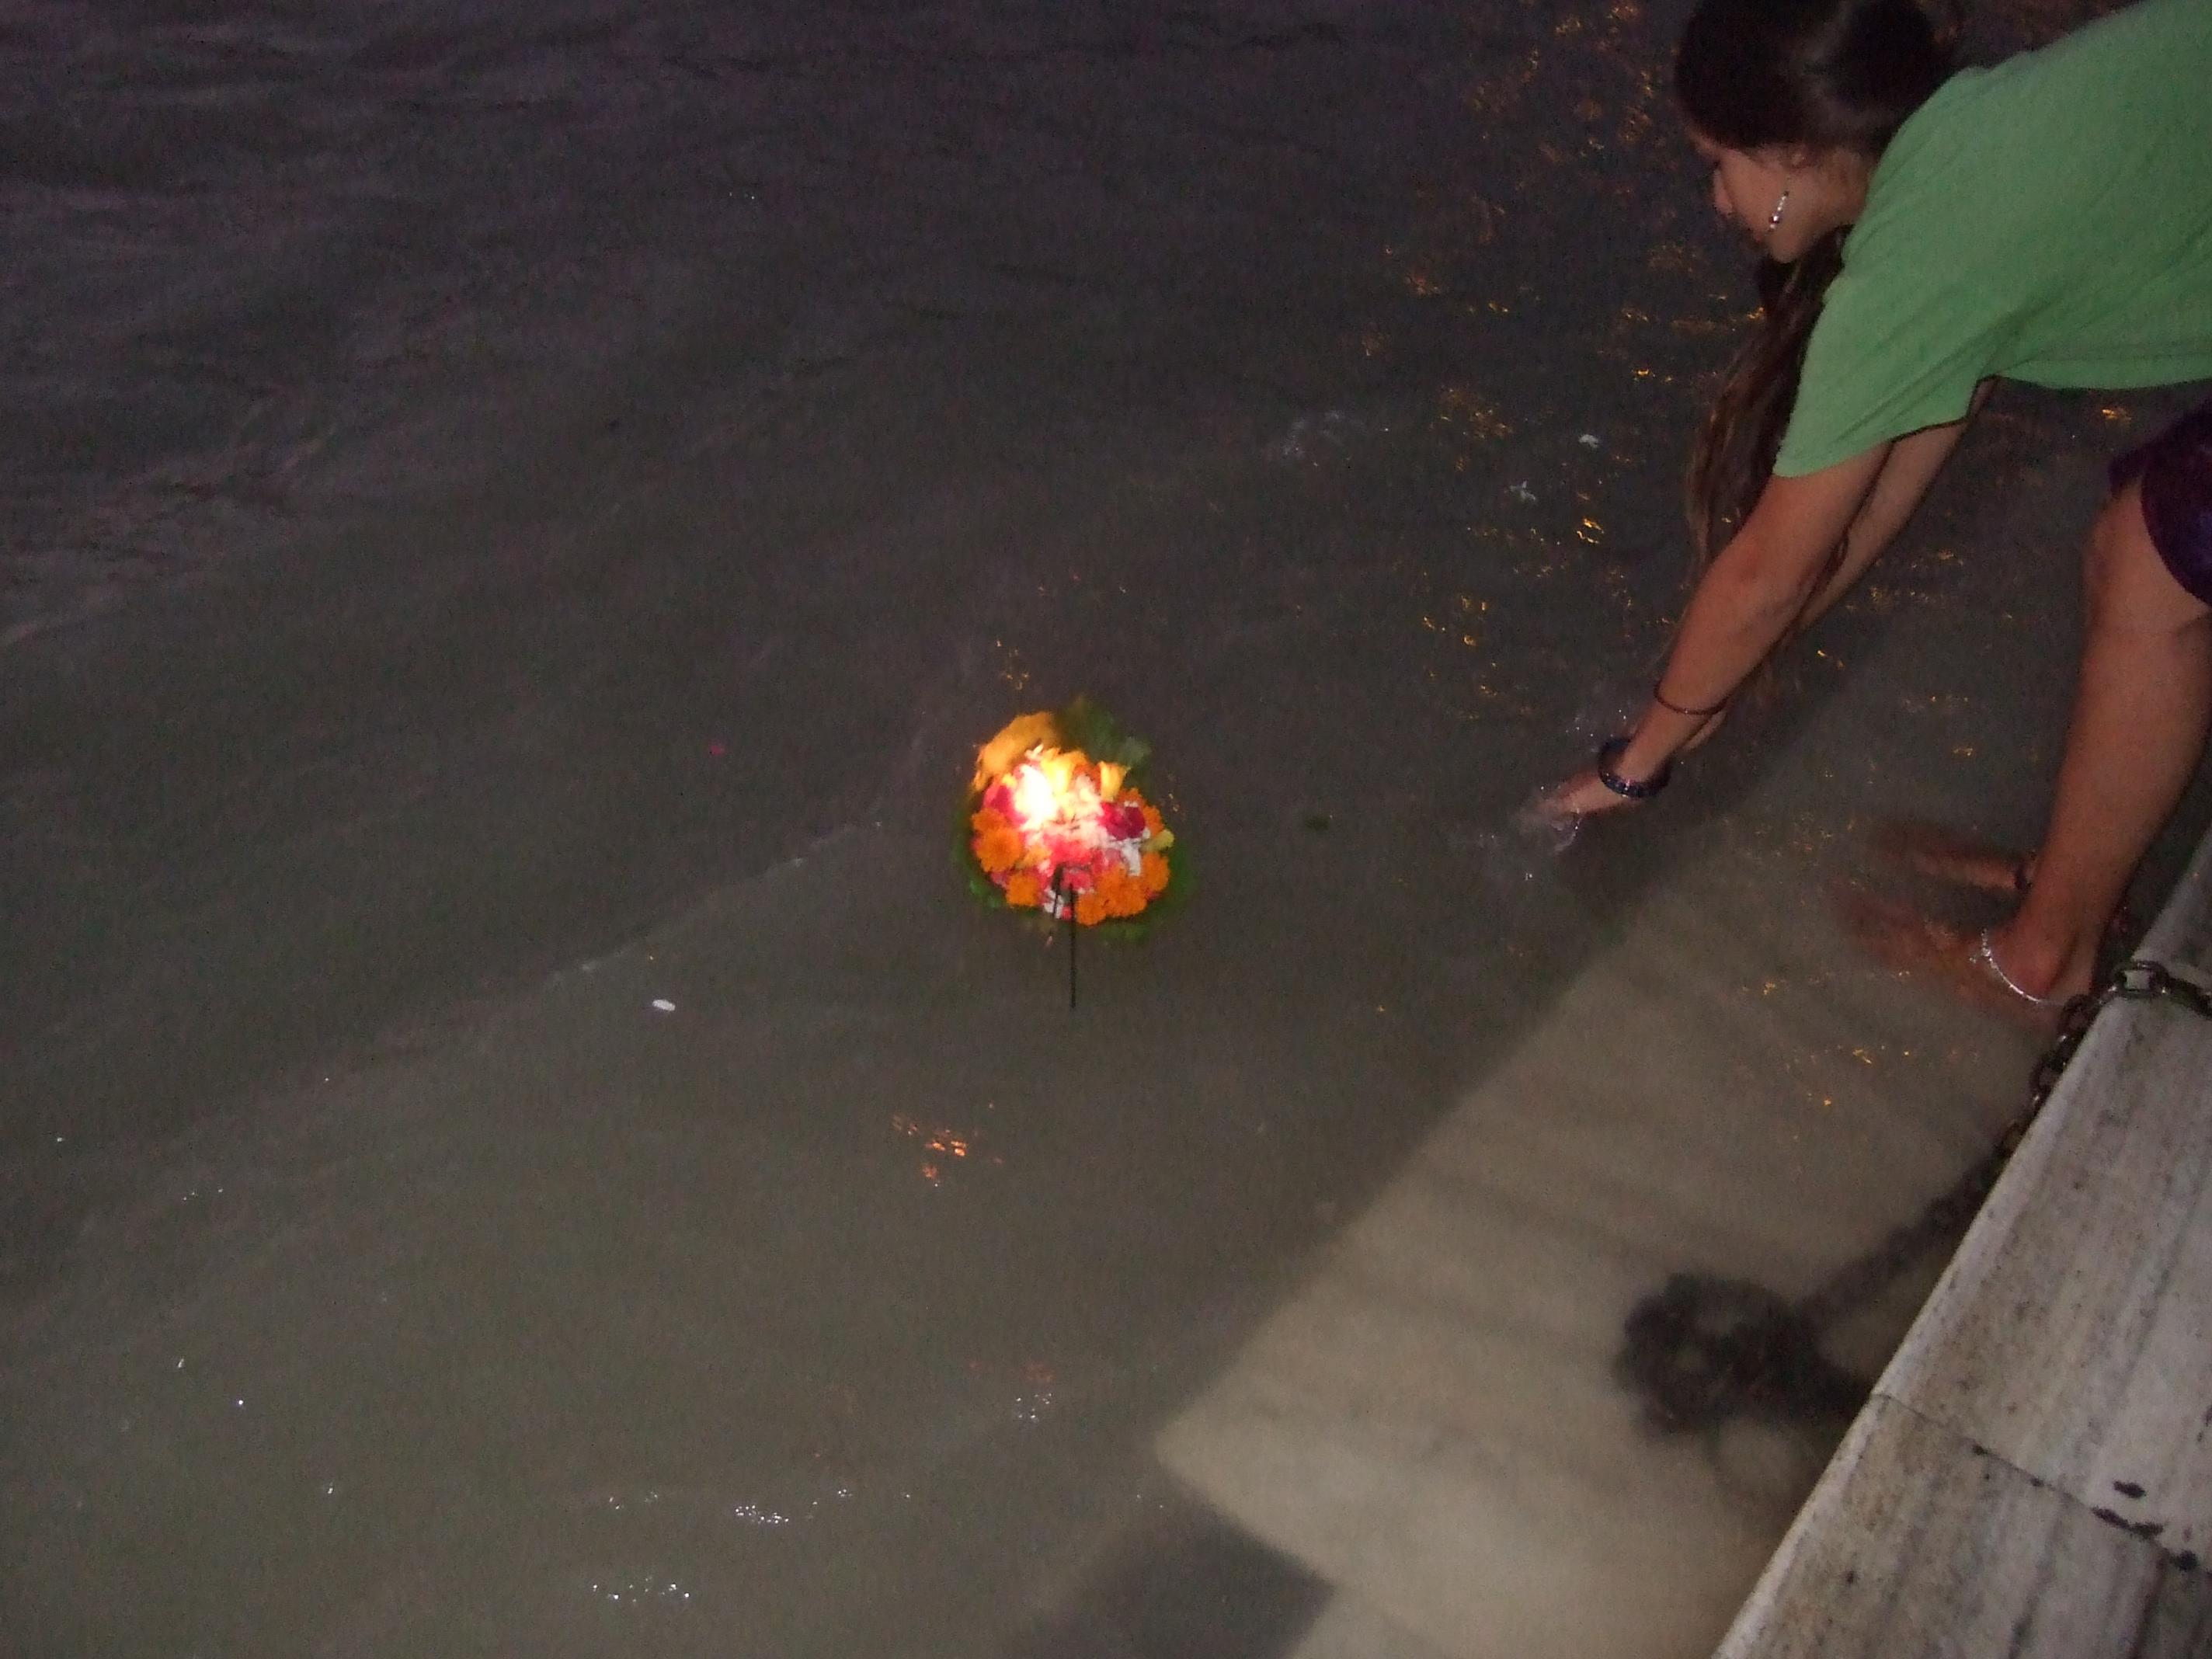 火を灯してお花と一緒にガンジス河に